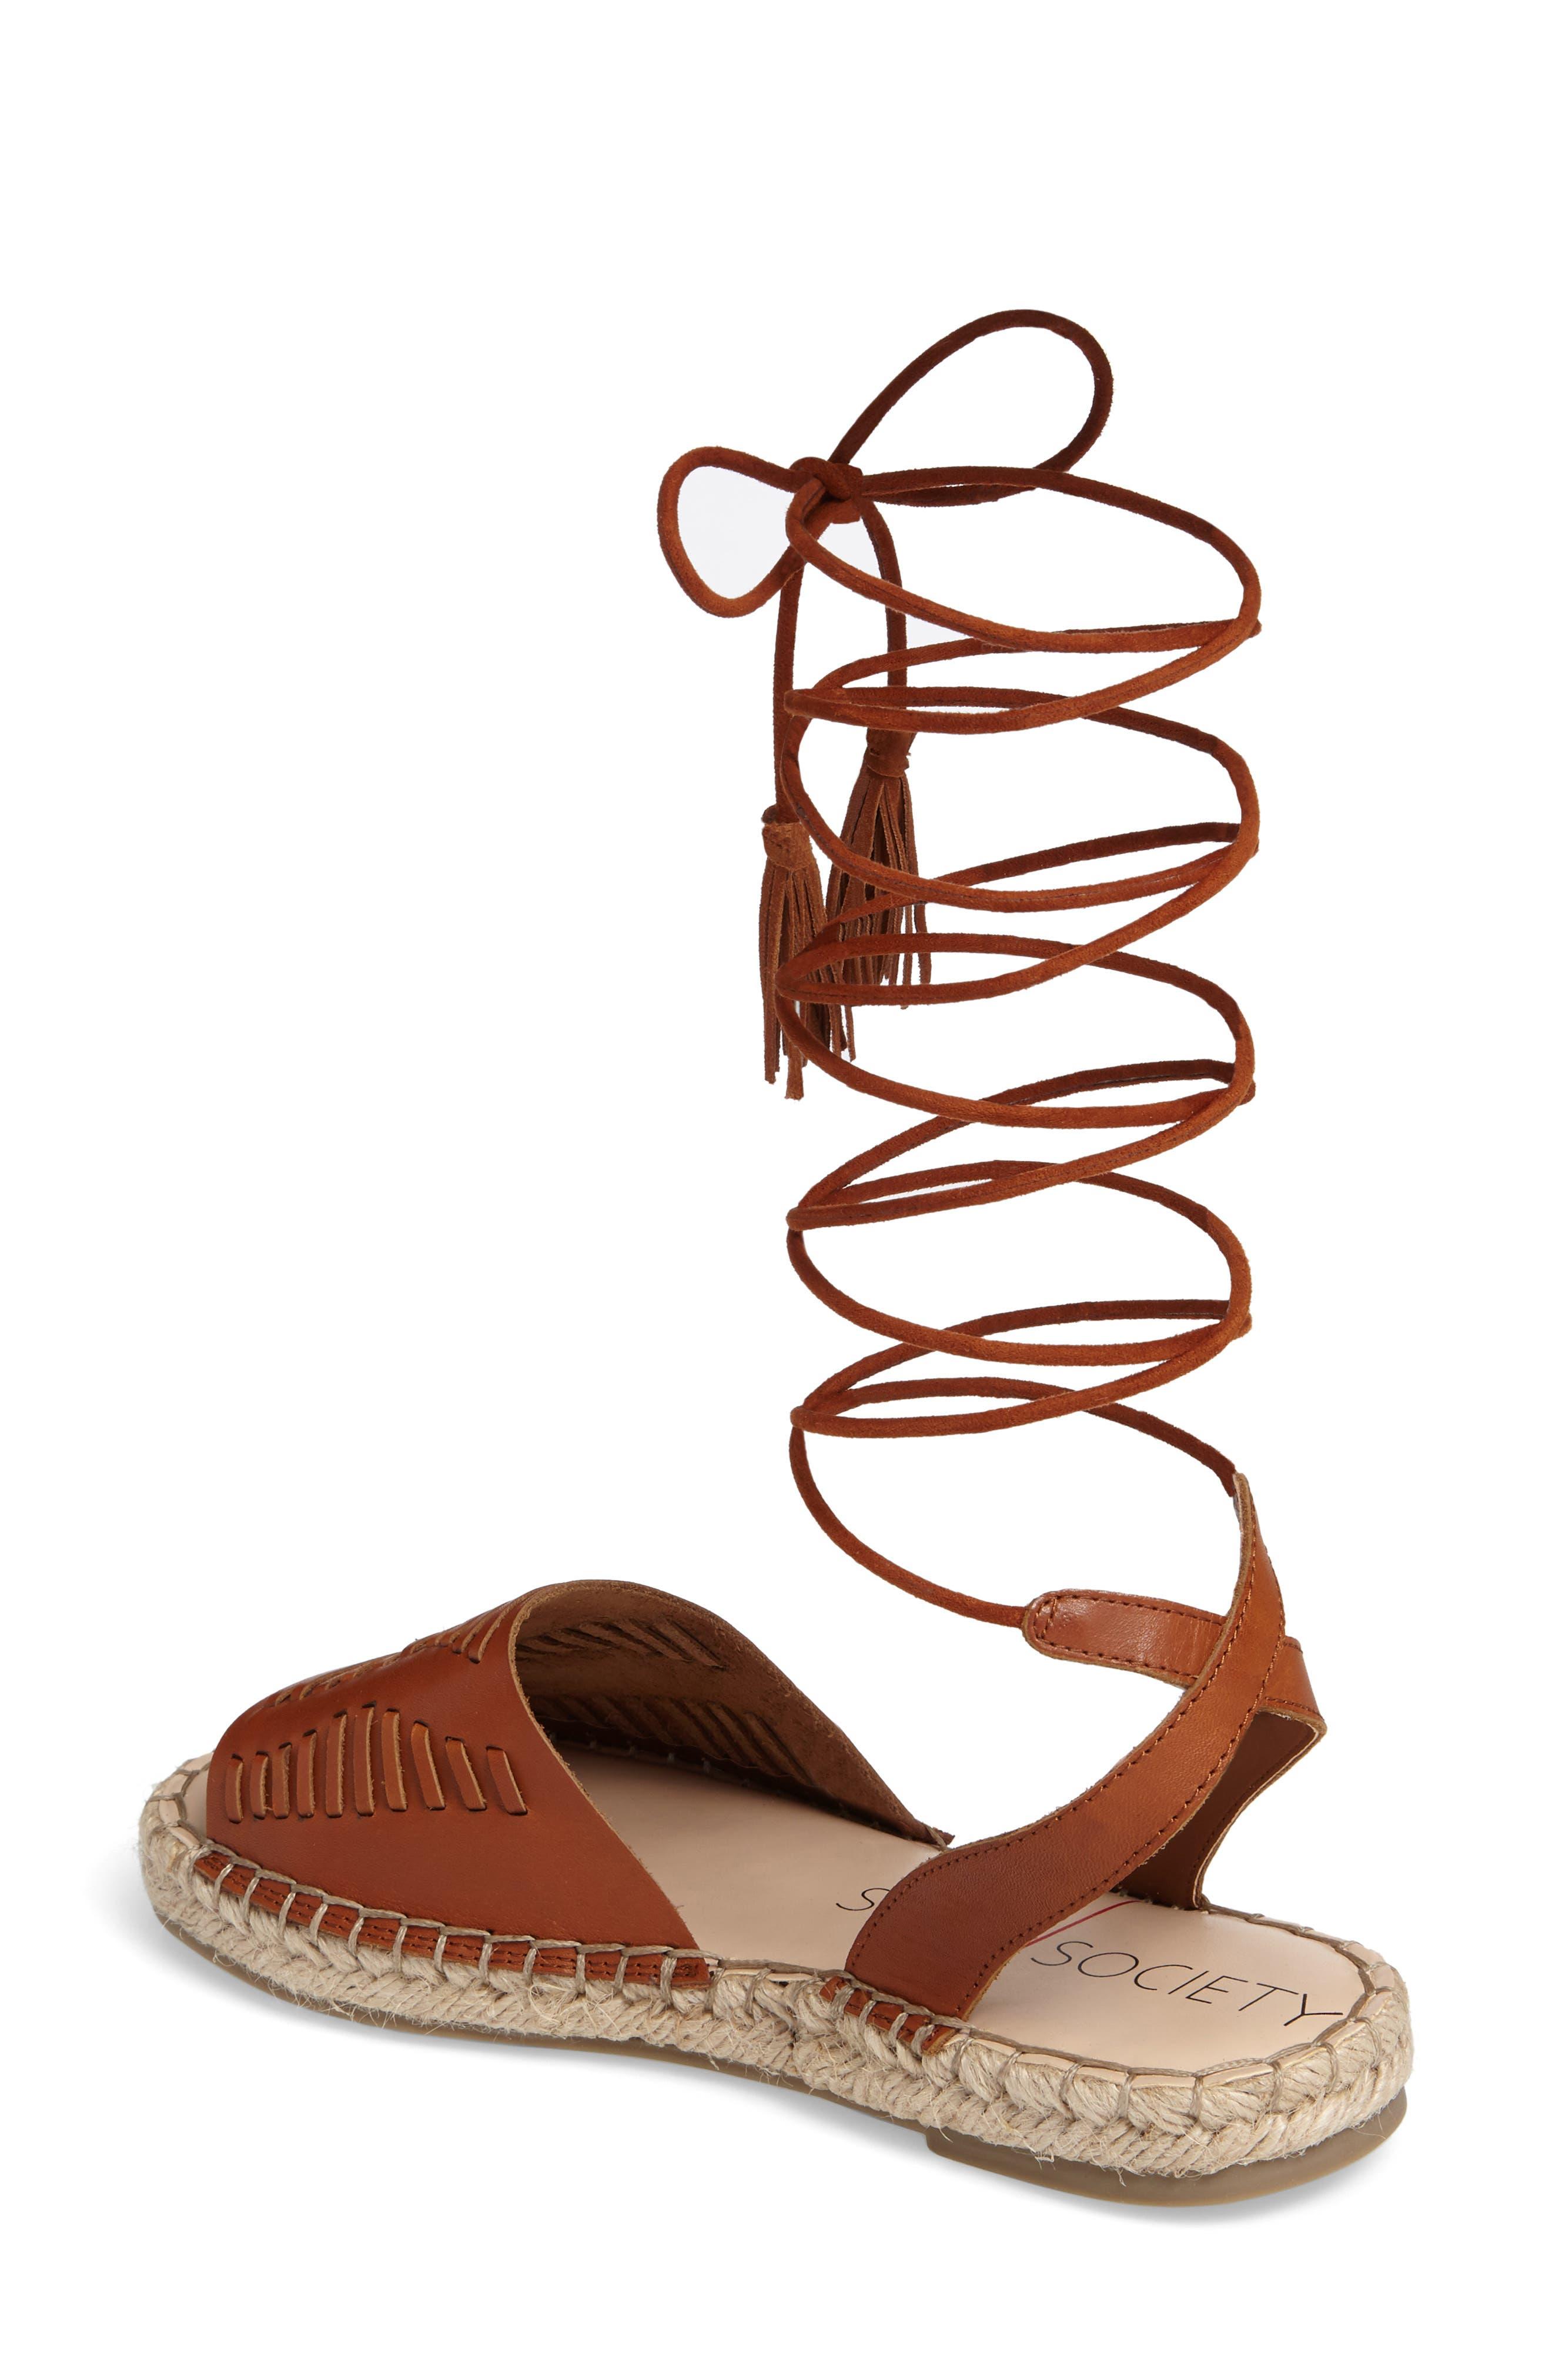 Clover Ankle Wrap Espadrille Sandal,                             Alternate thumbnail 2, color,                             Cognac Leather